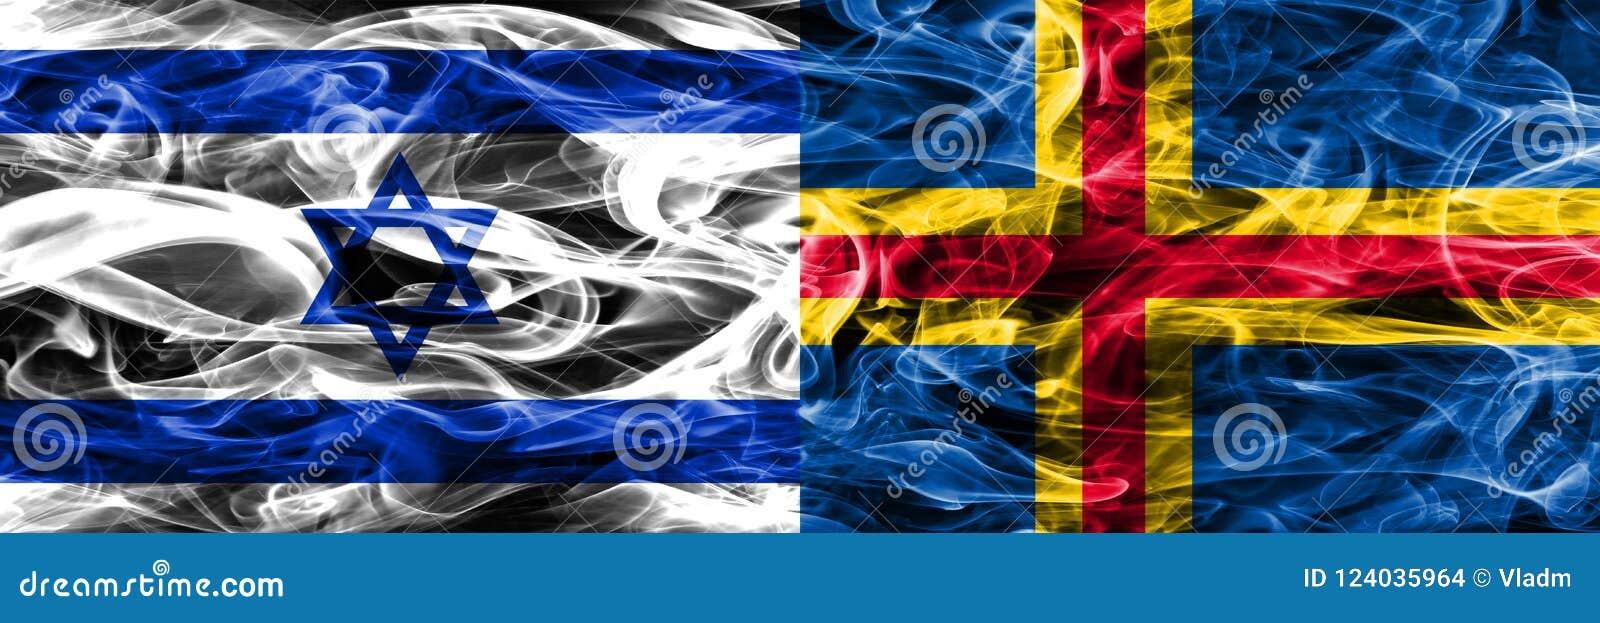 Israël versus Aland-zij aan zij geplaatste rookvlaggen Israëlisch en Ala